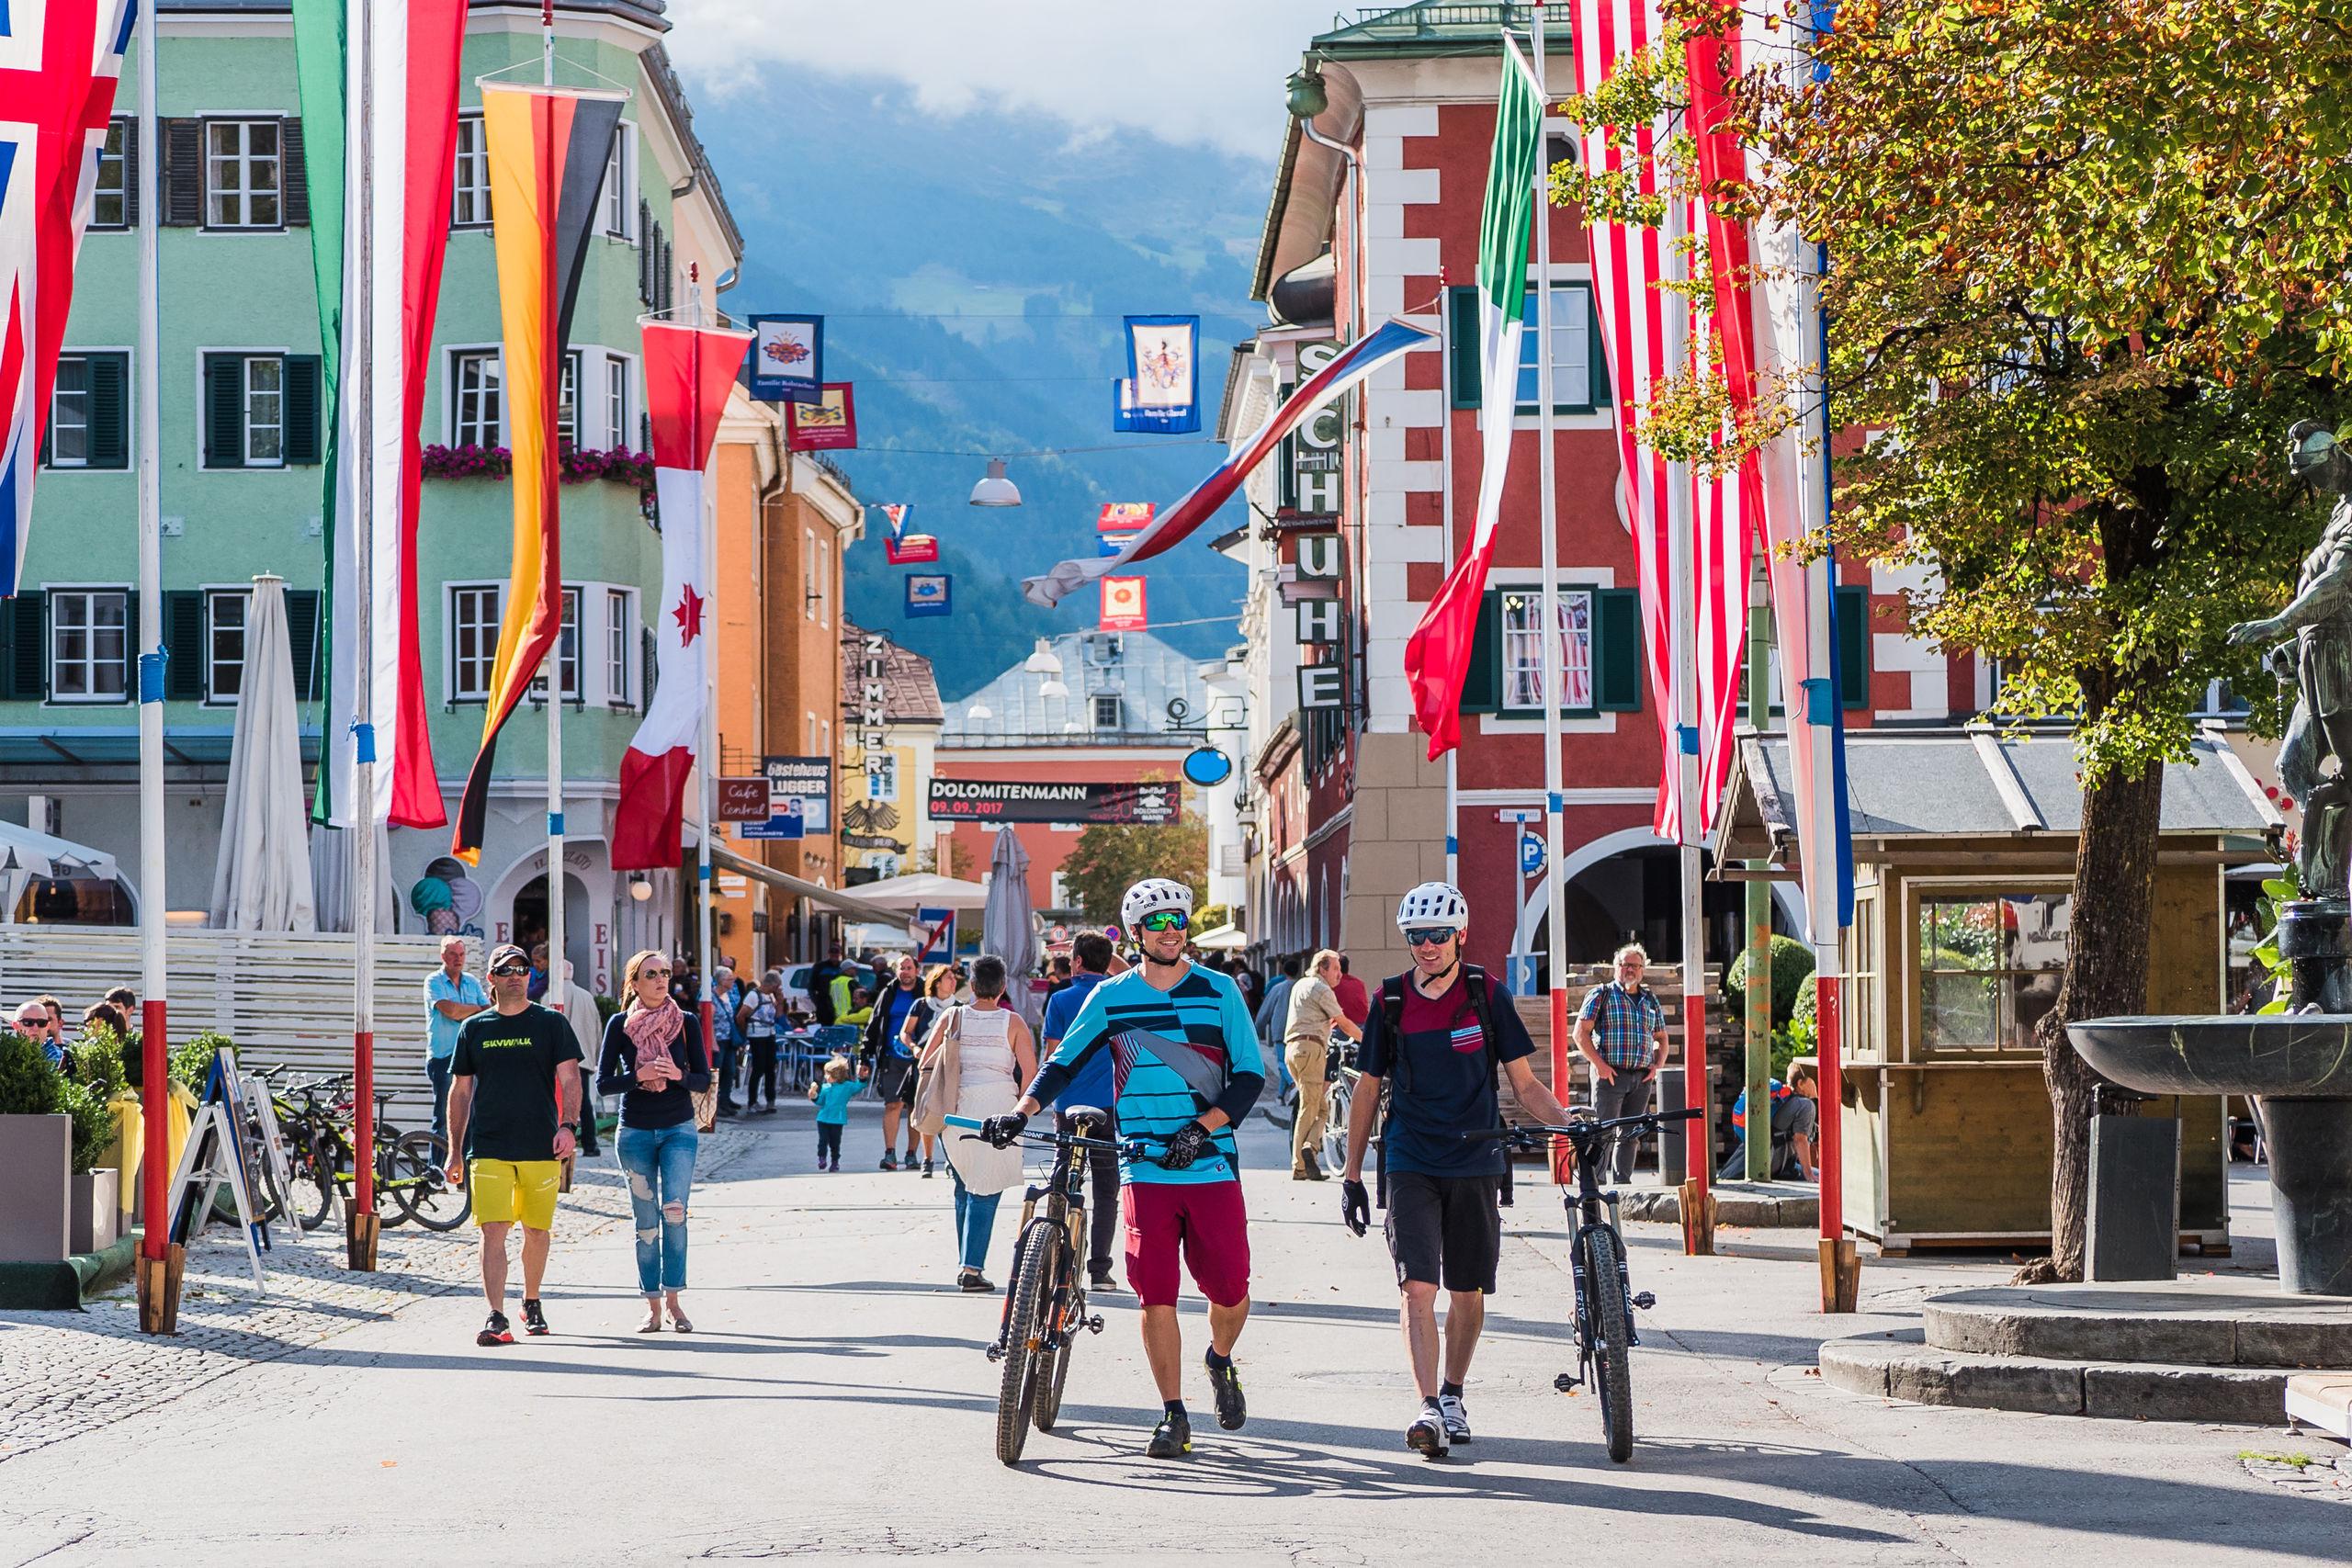 slunné město Lienz - ideální prázdninová destinace pro cyklisty